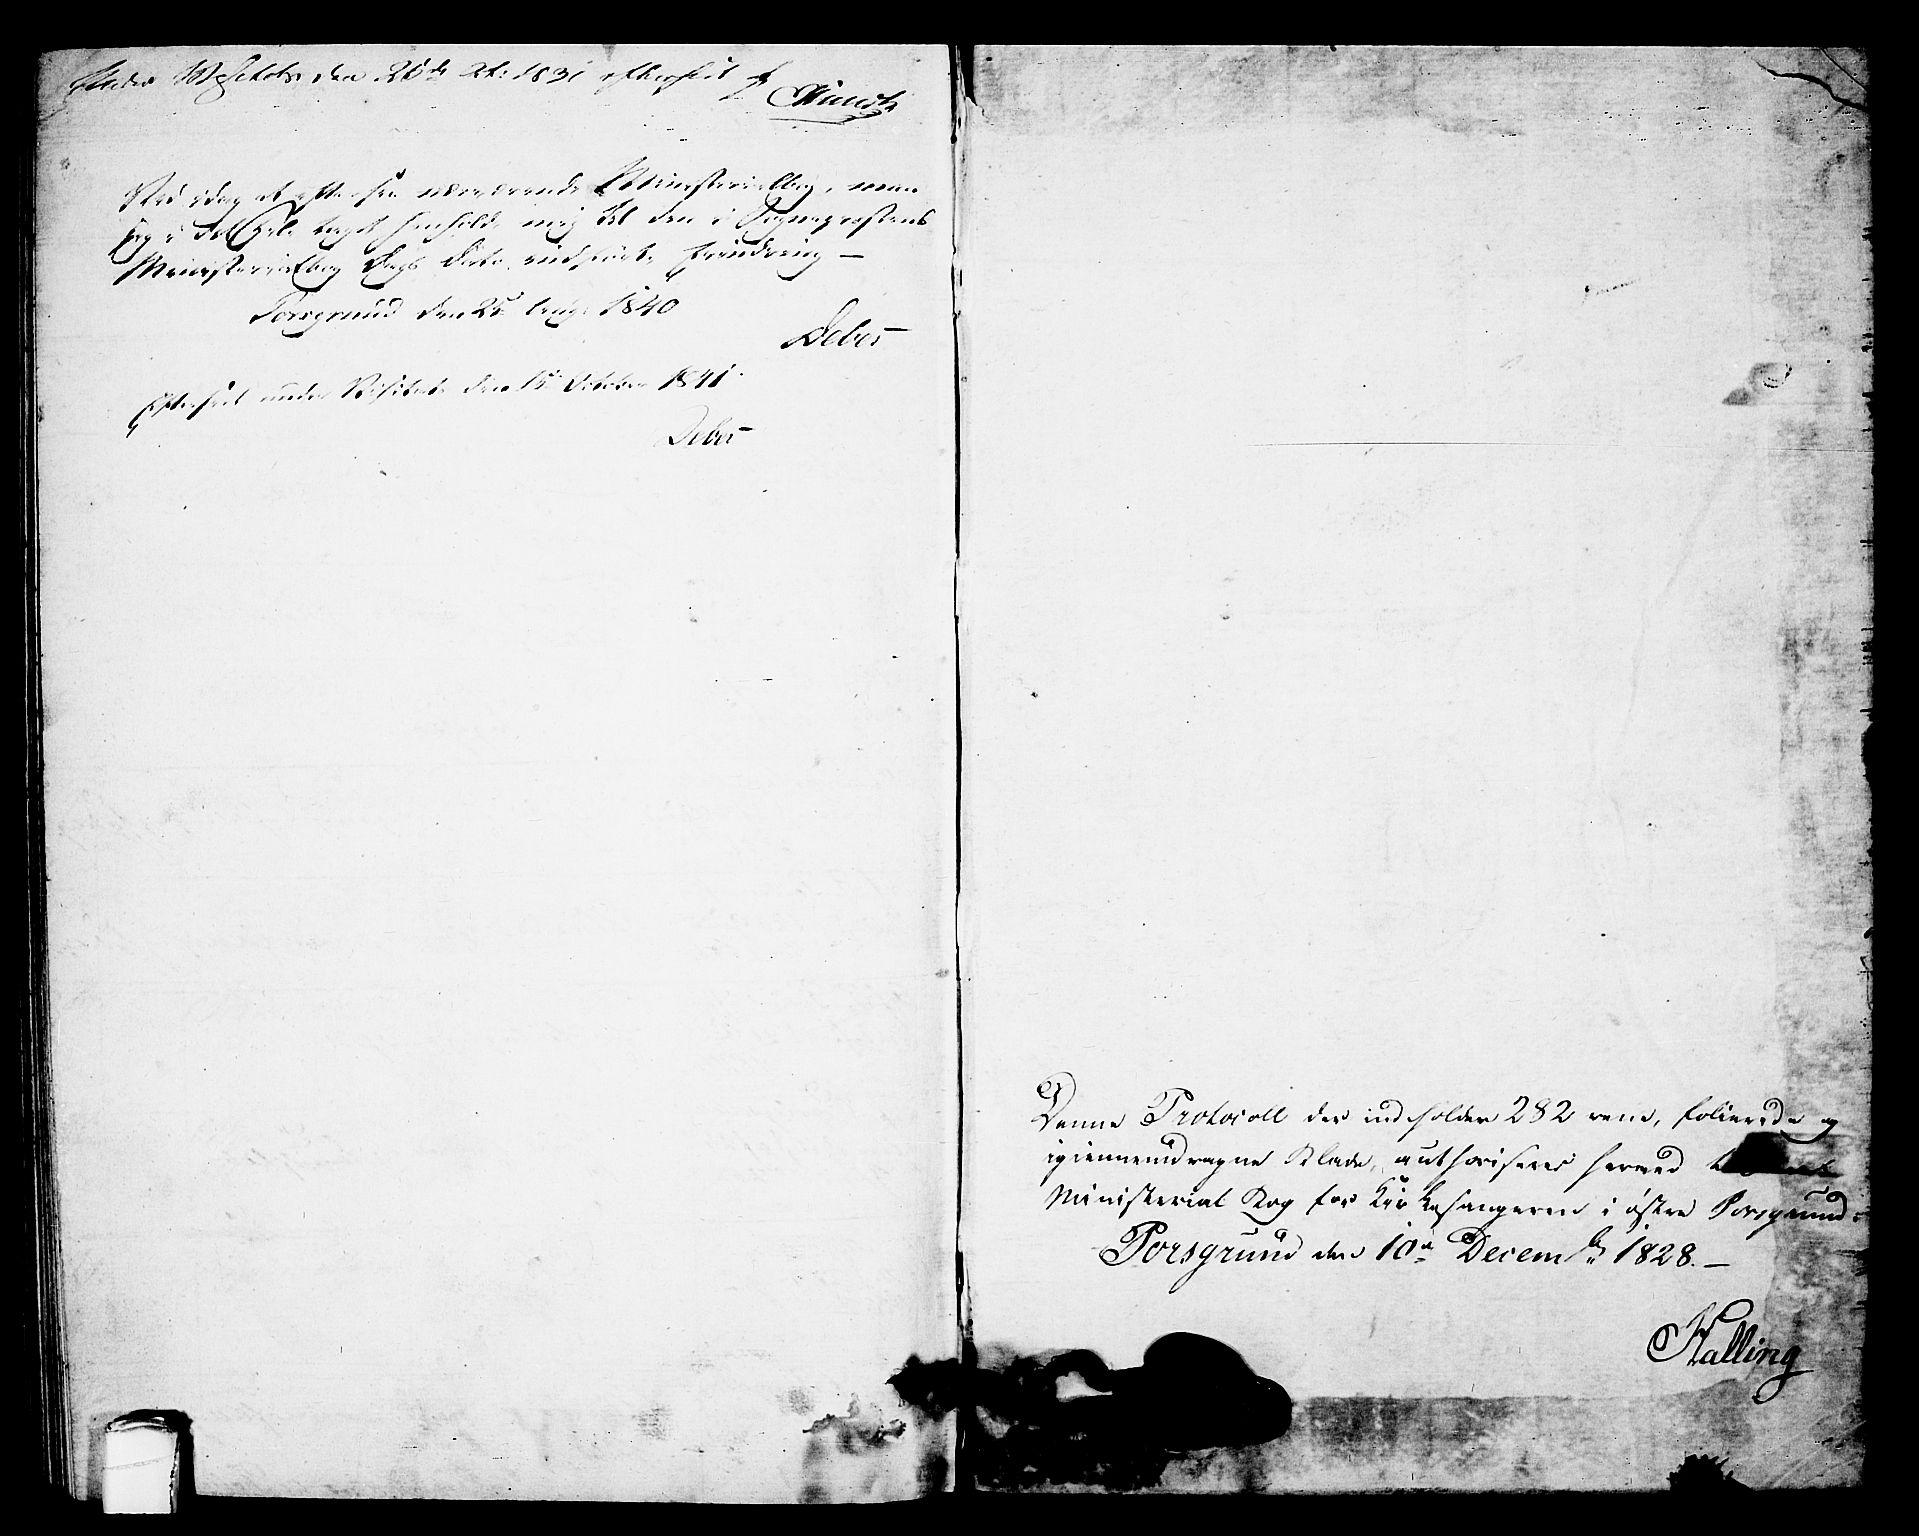 SAKO, Porsgrunn kirkebøker , G/Gb/L0002: Klokkerbok nr. II 2, 1828-1841